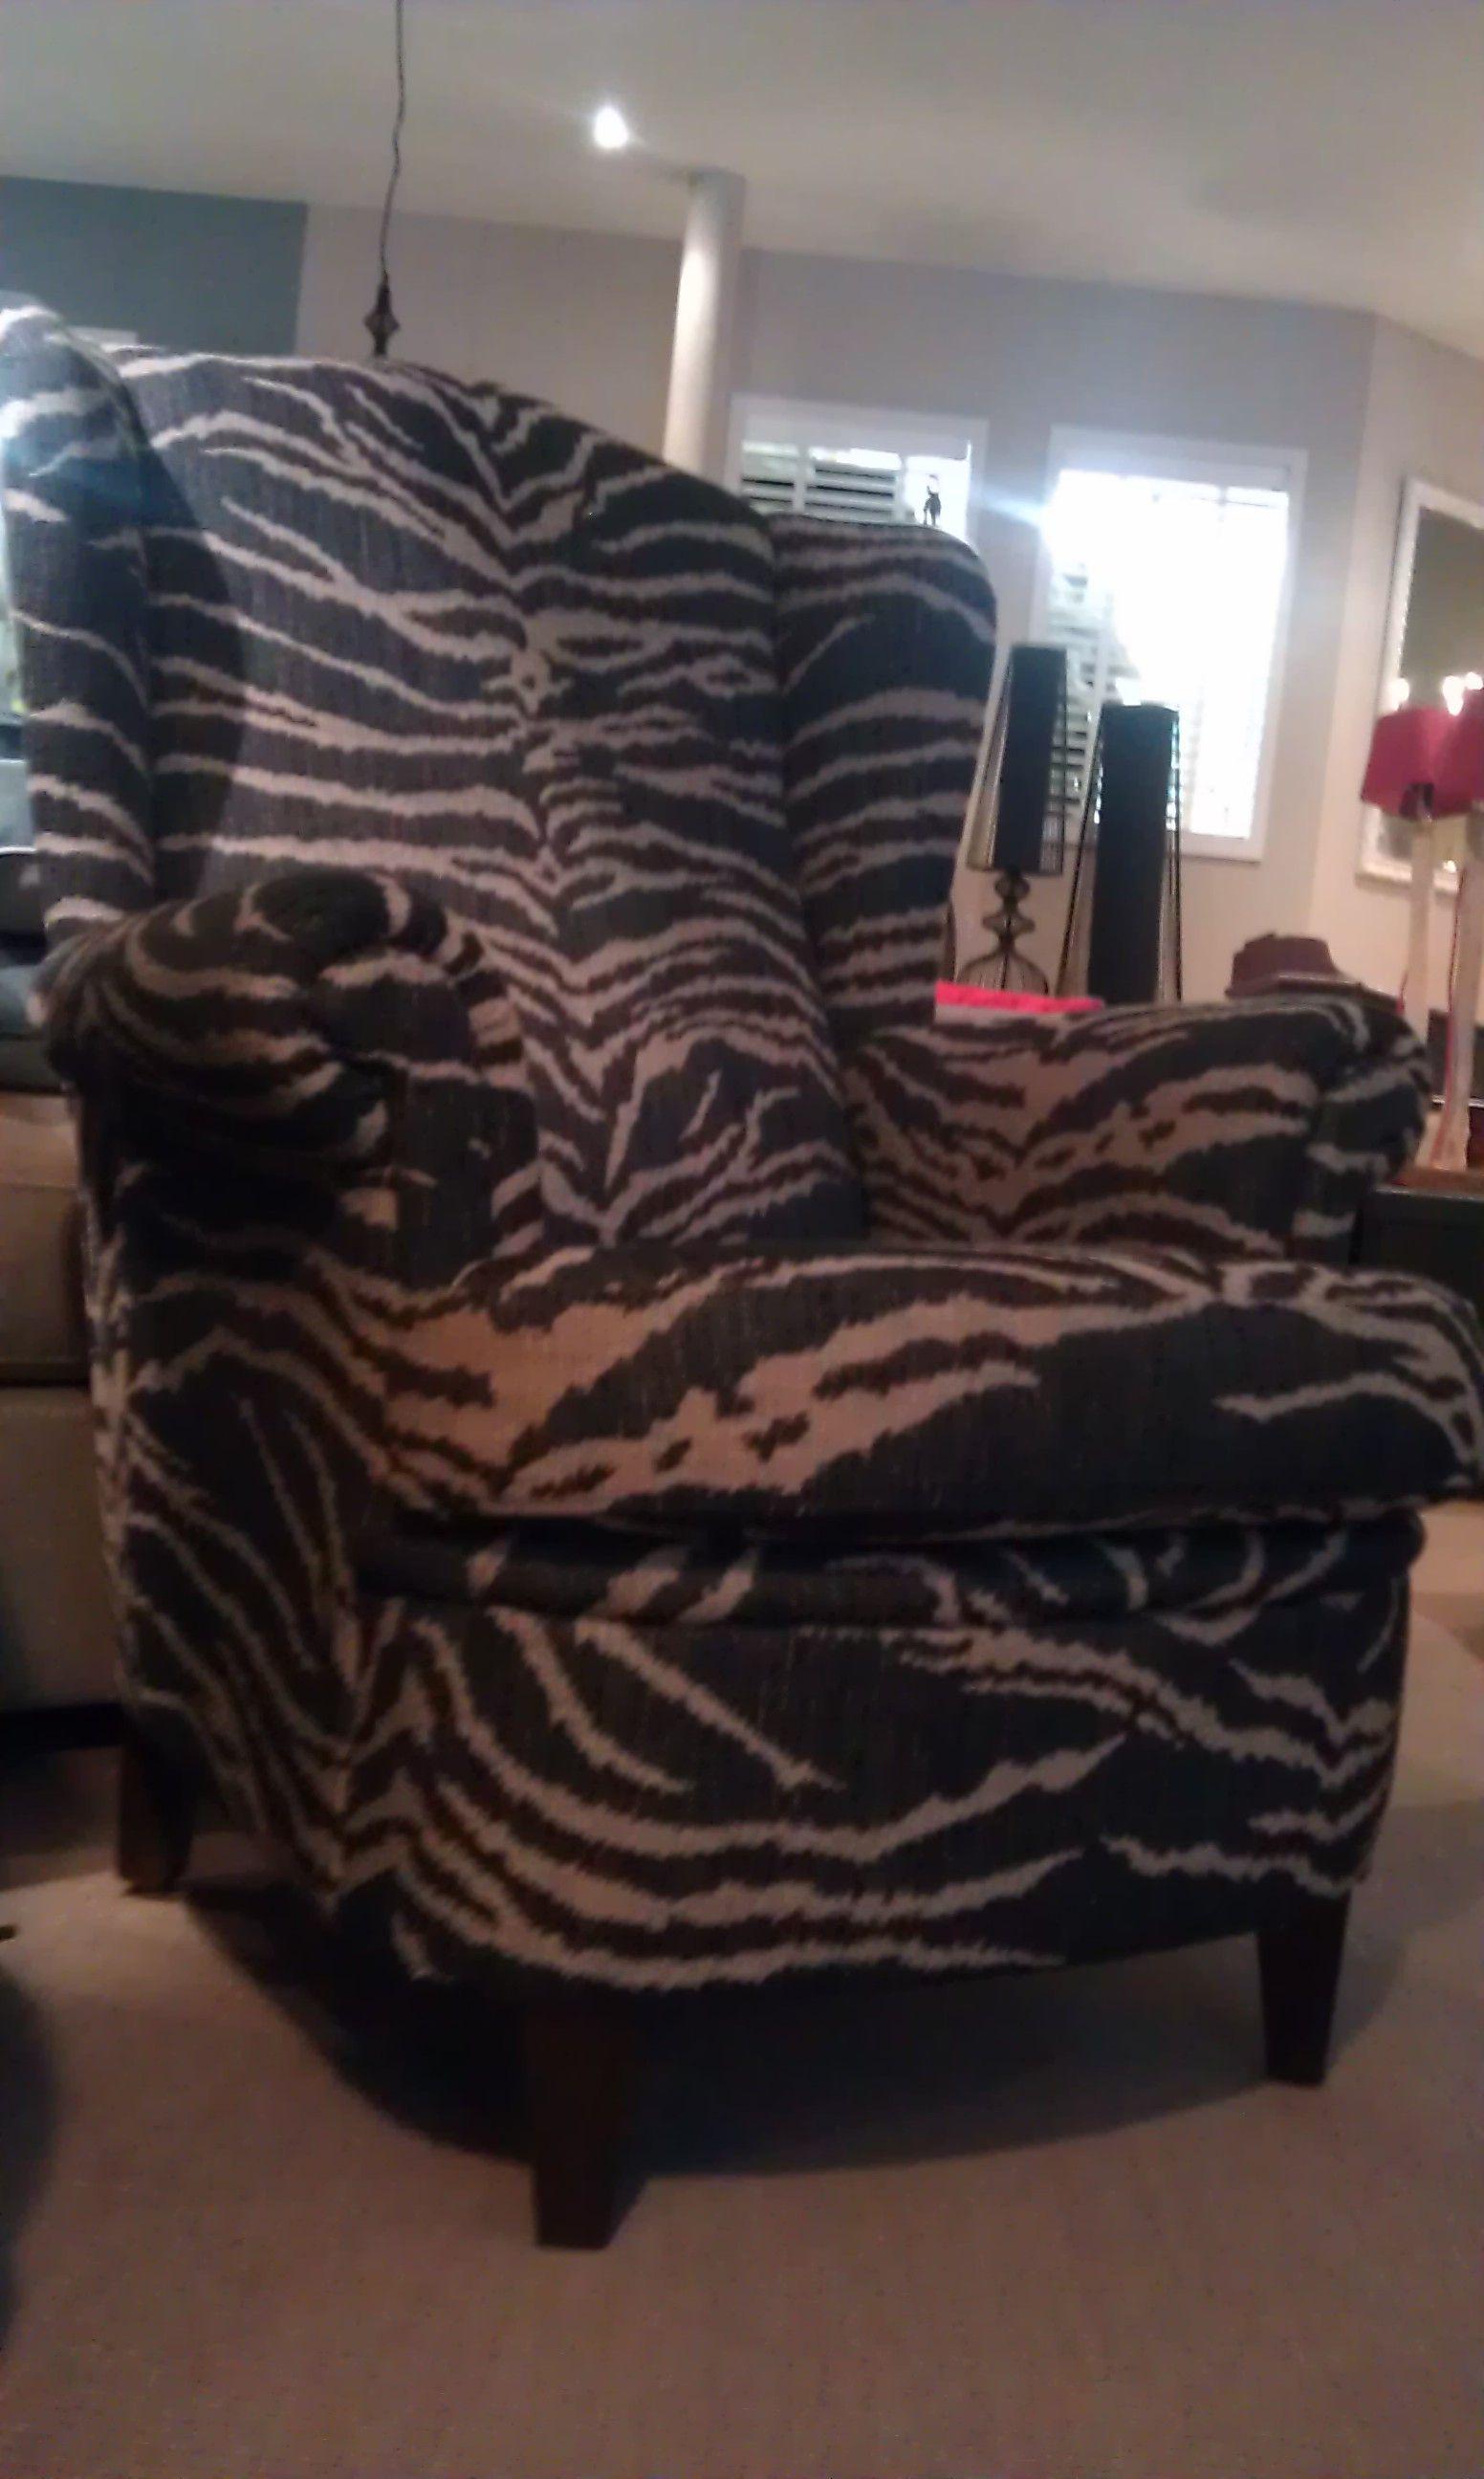 oude fauteul opnieuw gestoffeerd met een ruige zebra print